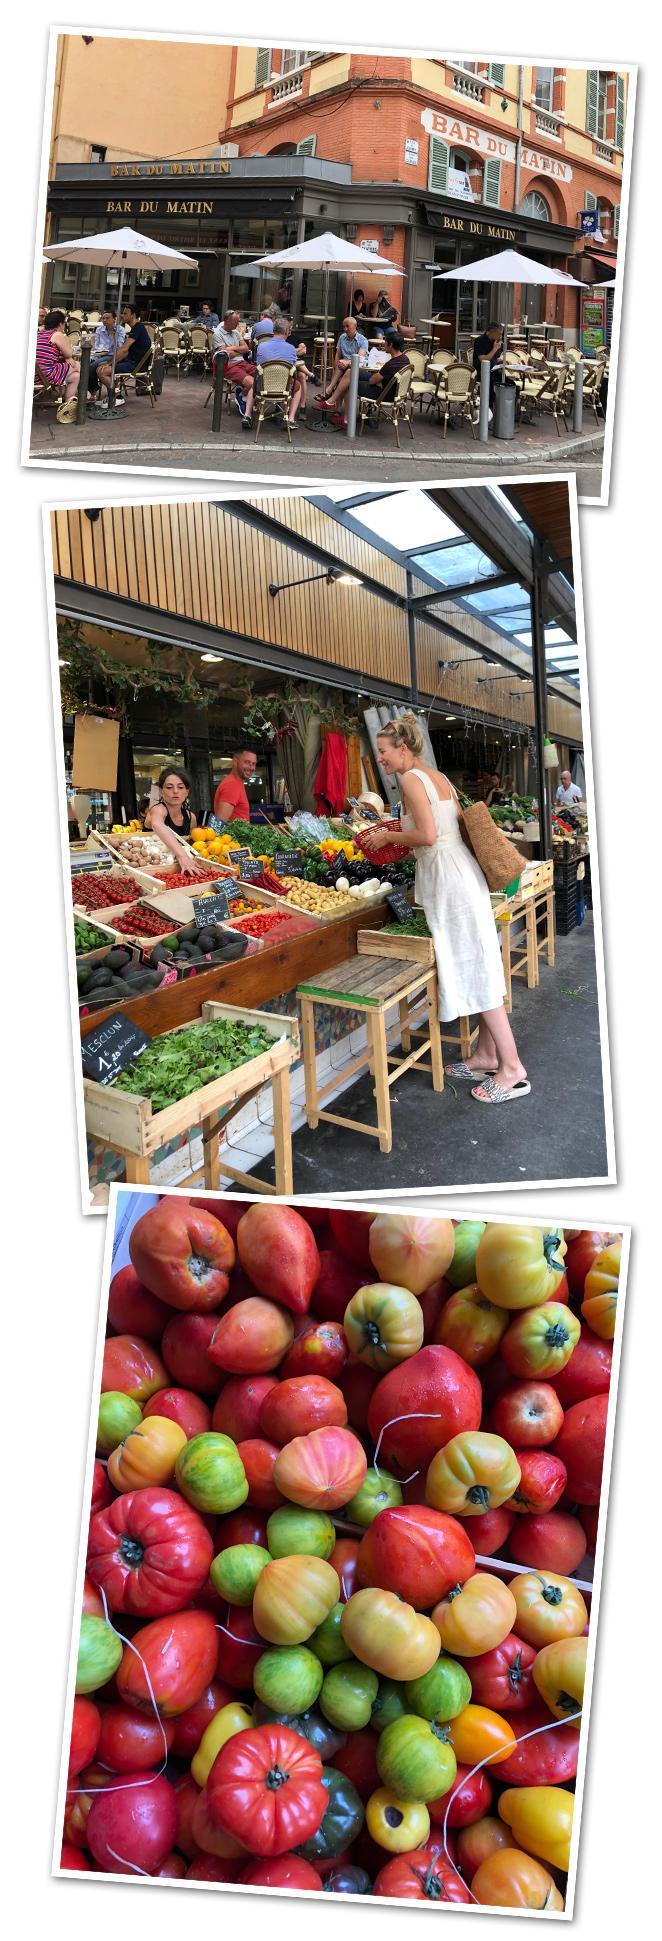 Para un buen desayuno francés, os recomiendo el Bar du Matin situado enfrente del mercado Les Carmes , uno de mis preferidos de la ciudad.